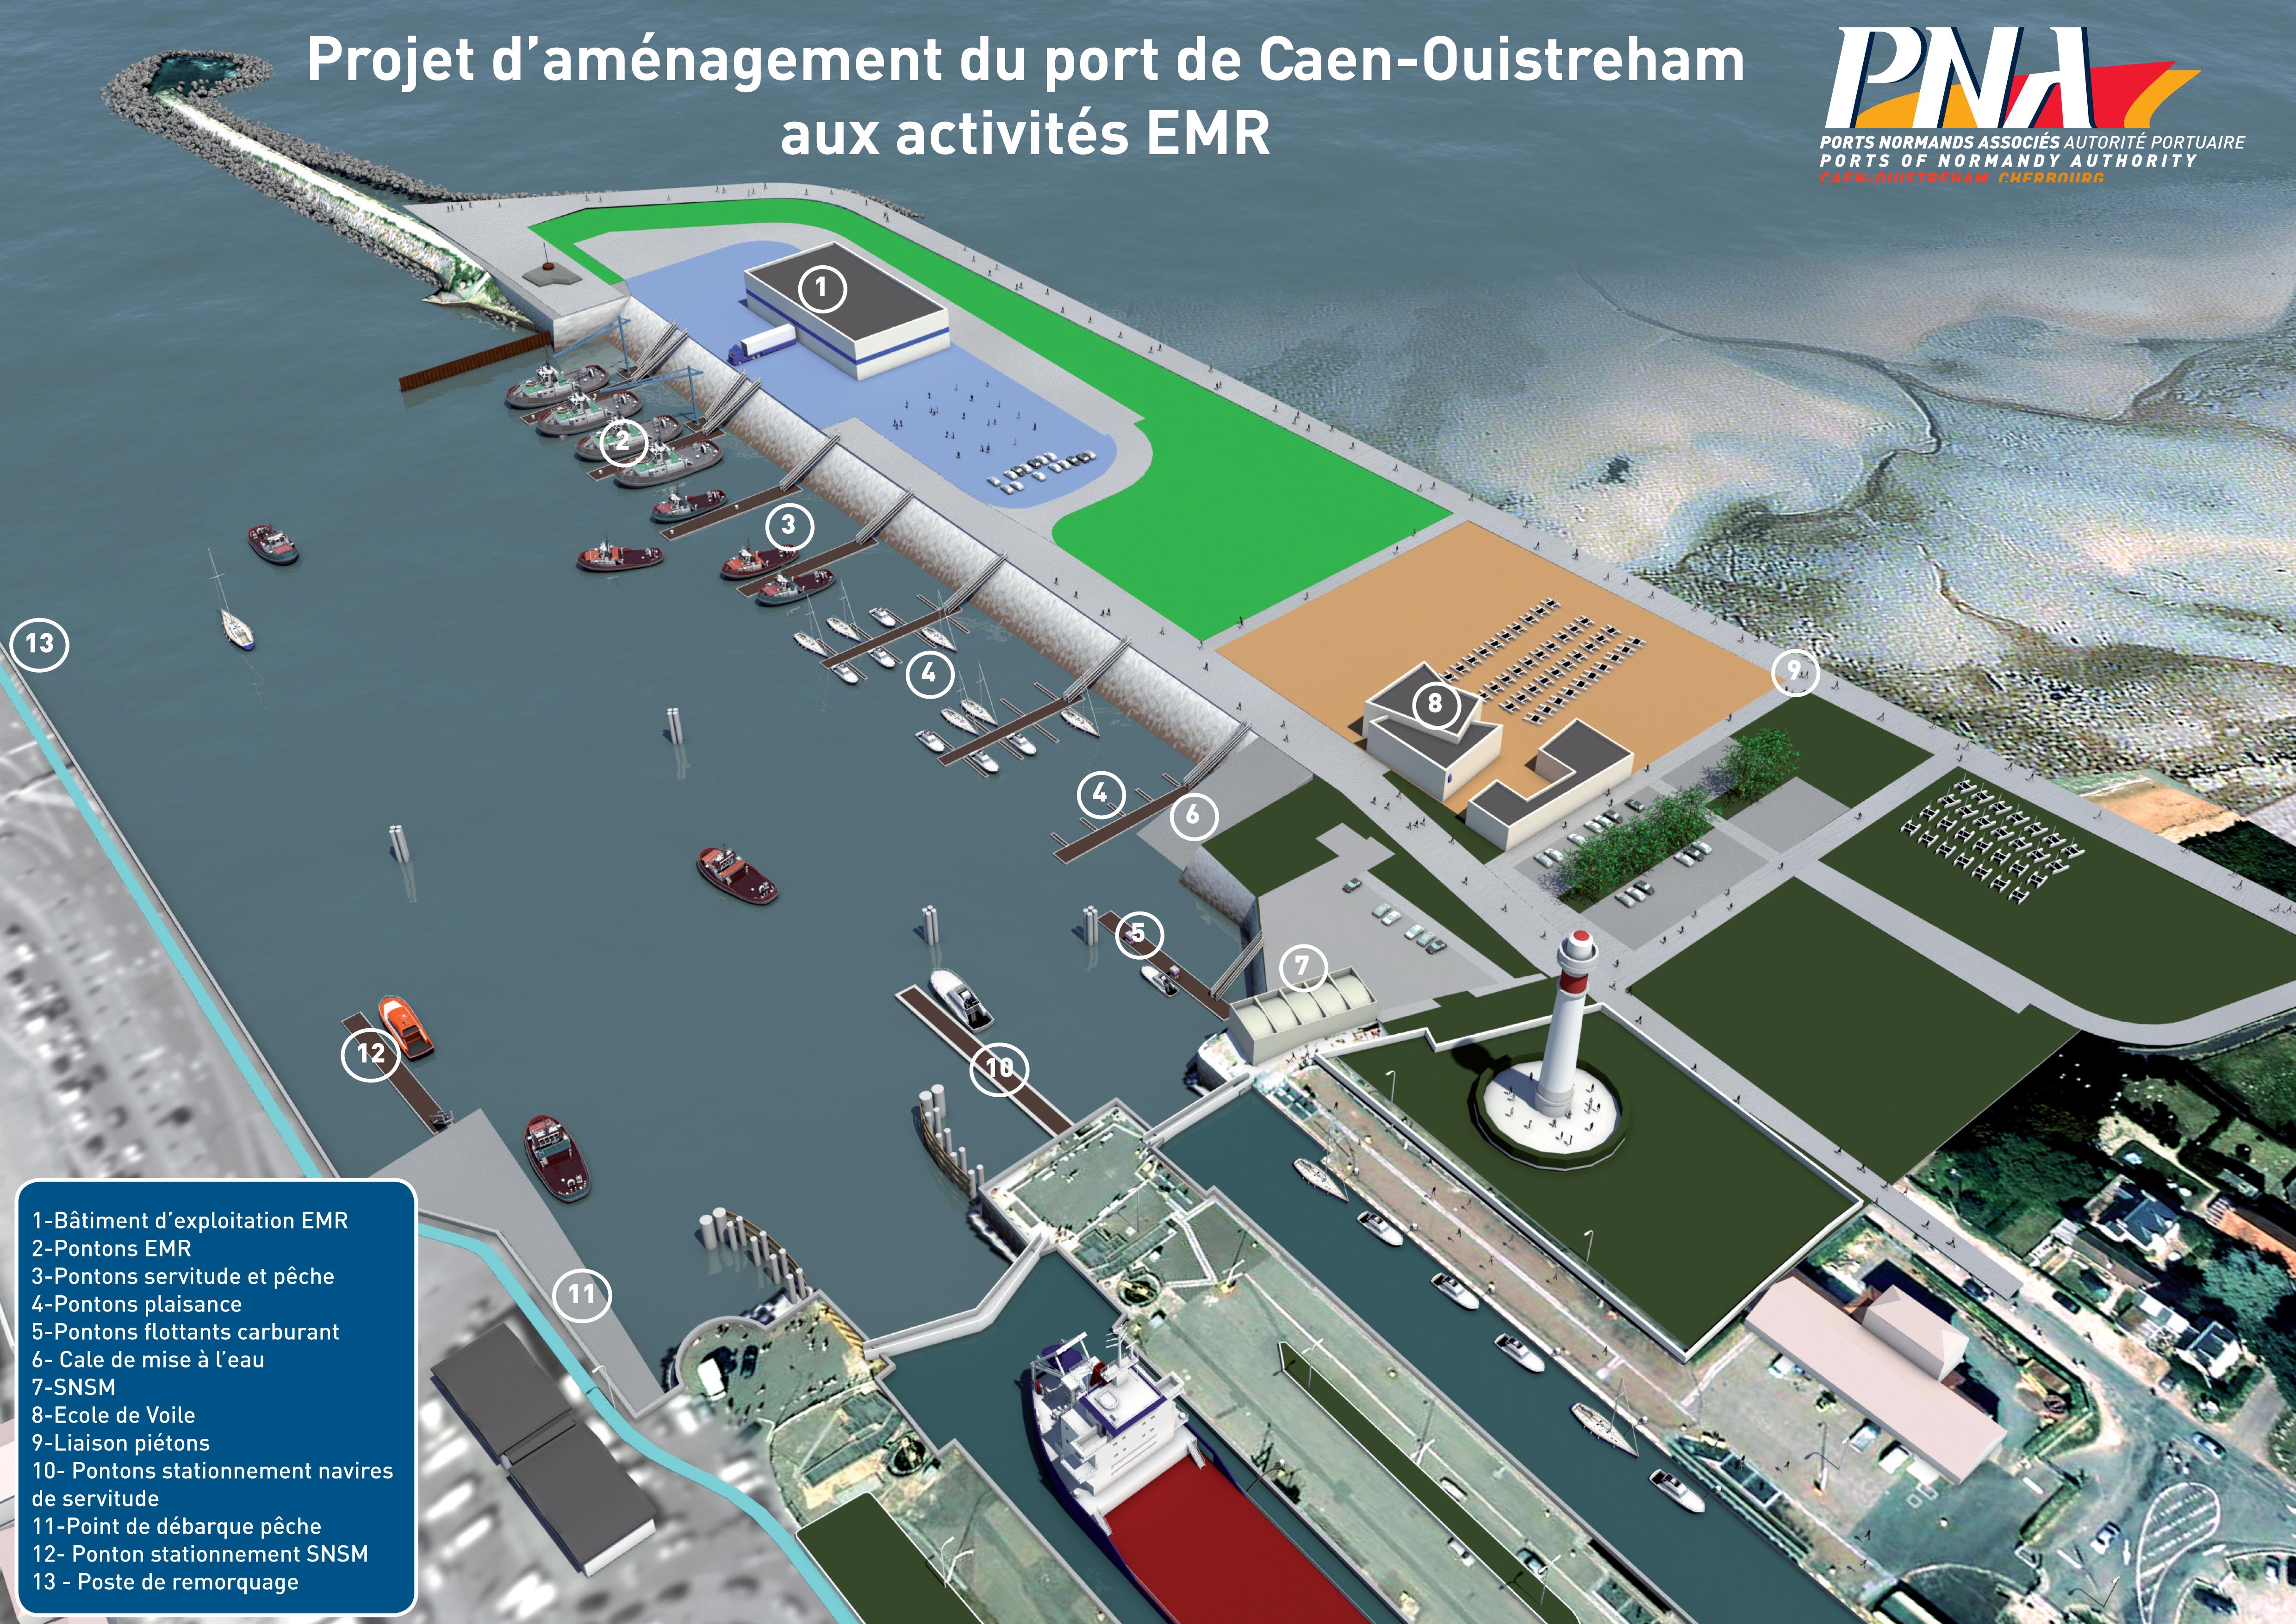 Projet d'aménagement du port de Caen-Ouistreham aux activités EMR